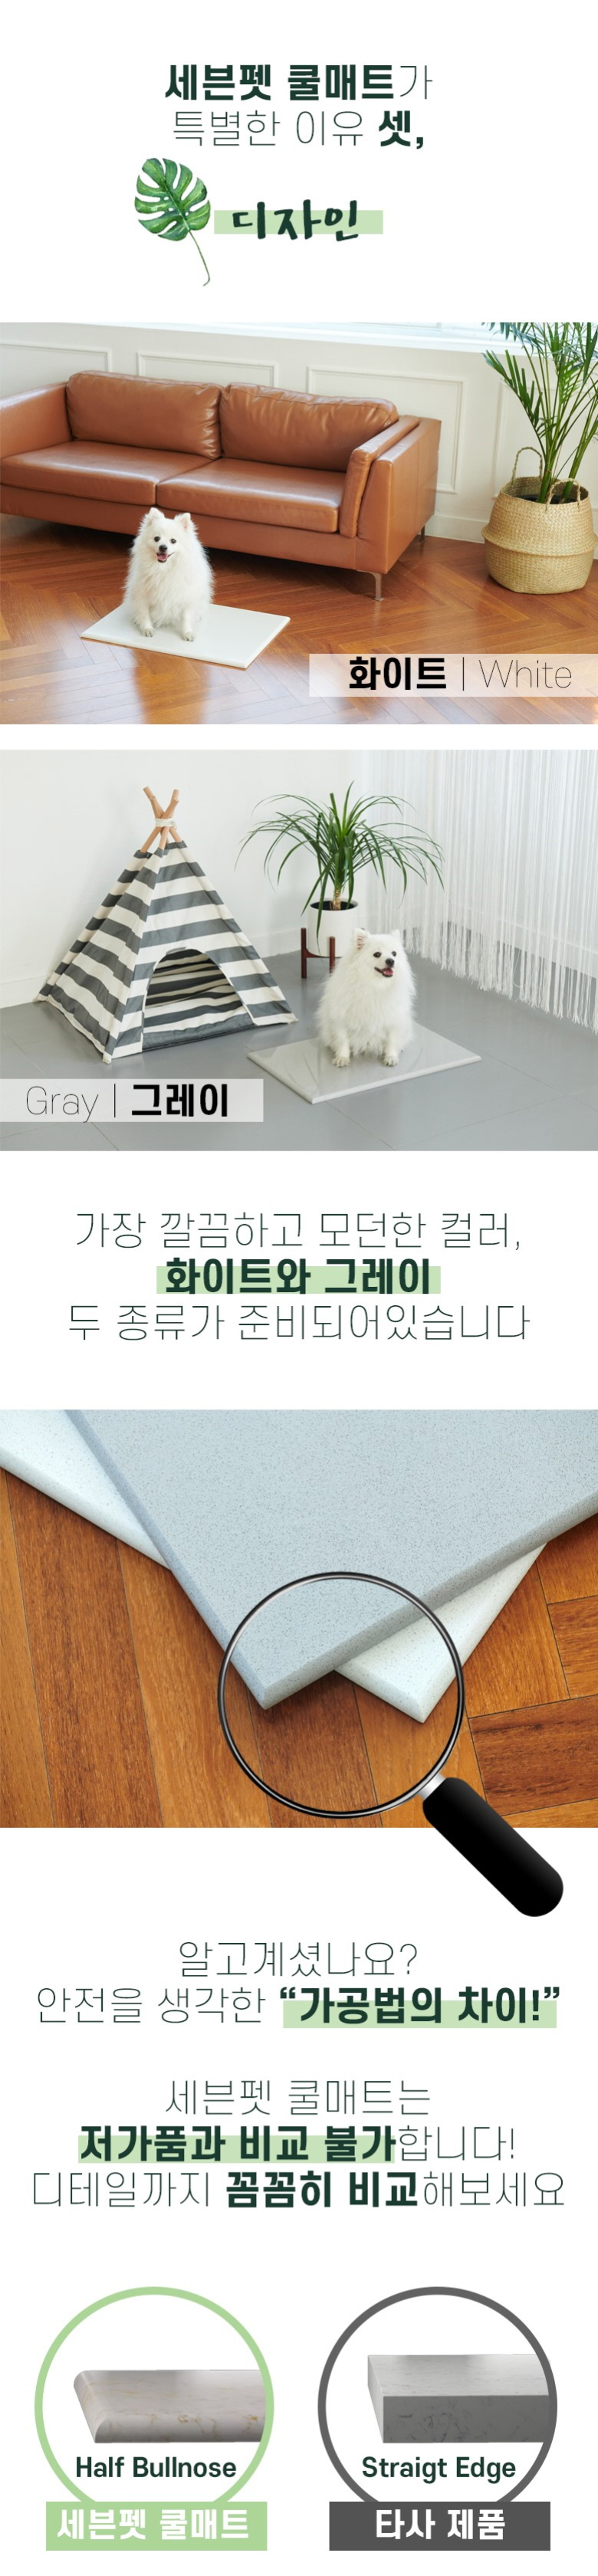 세븐펫 강아지 고양이 쿨매트 여름 방석 엔지니어스톤 대리석 침대 - 세븐펫, 33,900원, 하우스/식기/실내용품, 방석/매트